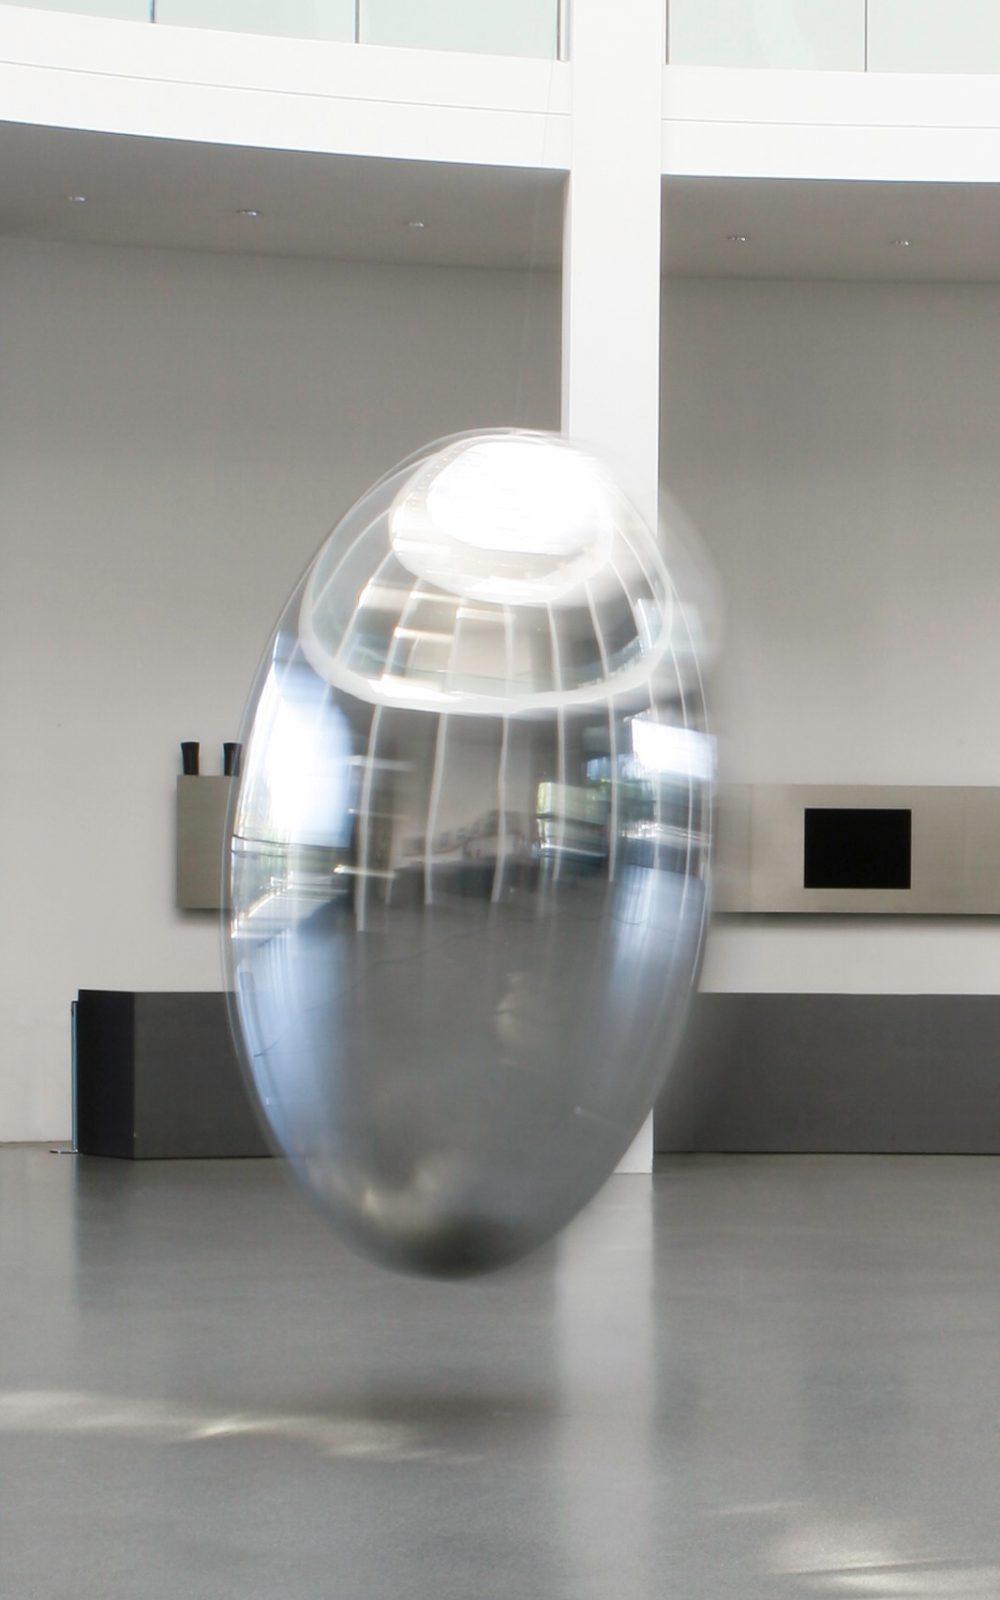 Ingo Maurer, Pendulum, 2019, Die Neue Sammlung – The Design Museum, Pinakothek der Moderne Foto: Patrizia Hamm